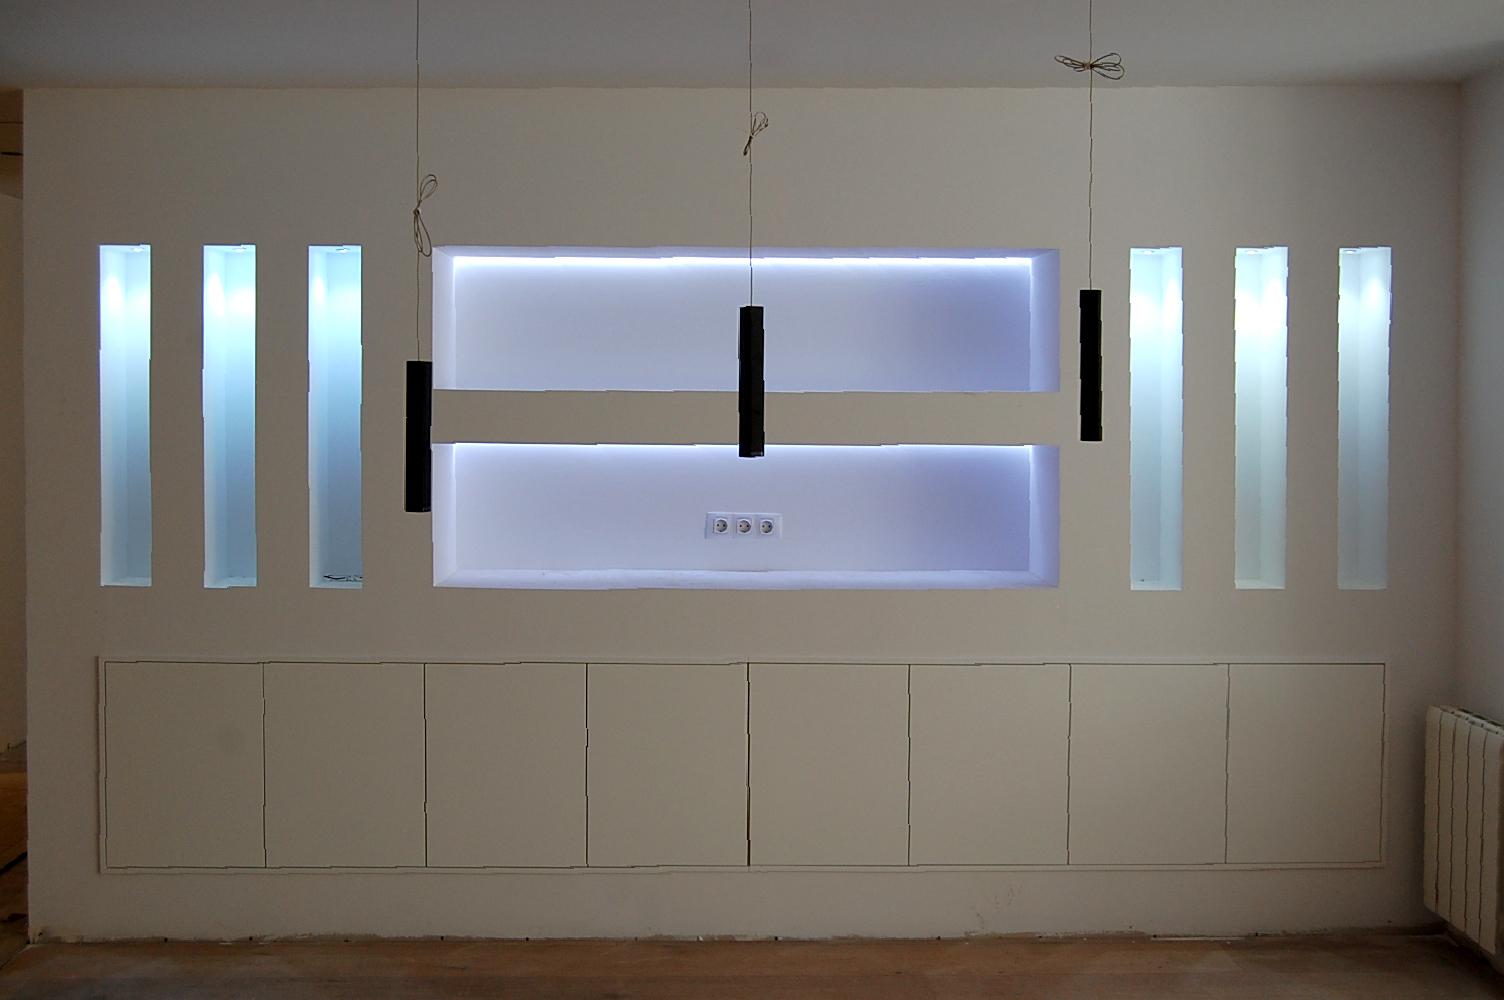 Mueble comedor a medida lacado blanco satinado con puerta push instalado en hueco de pladur